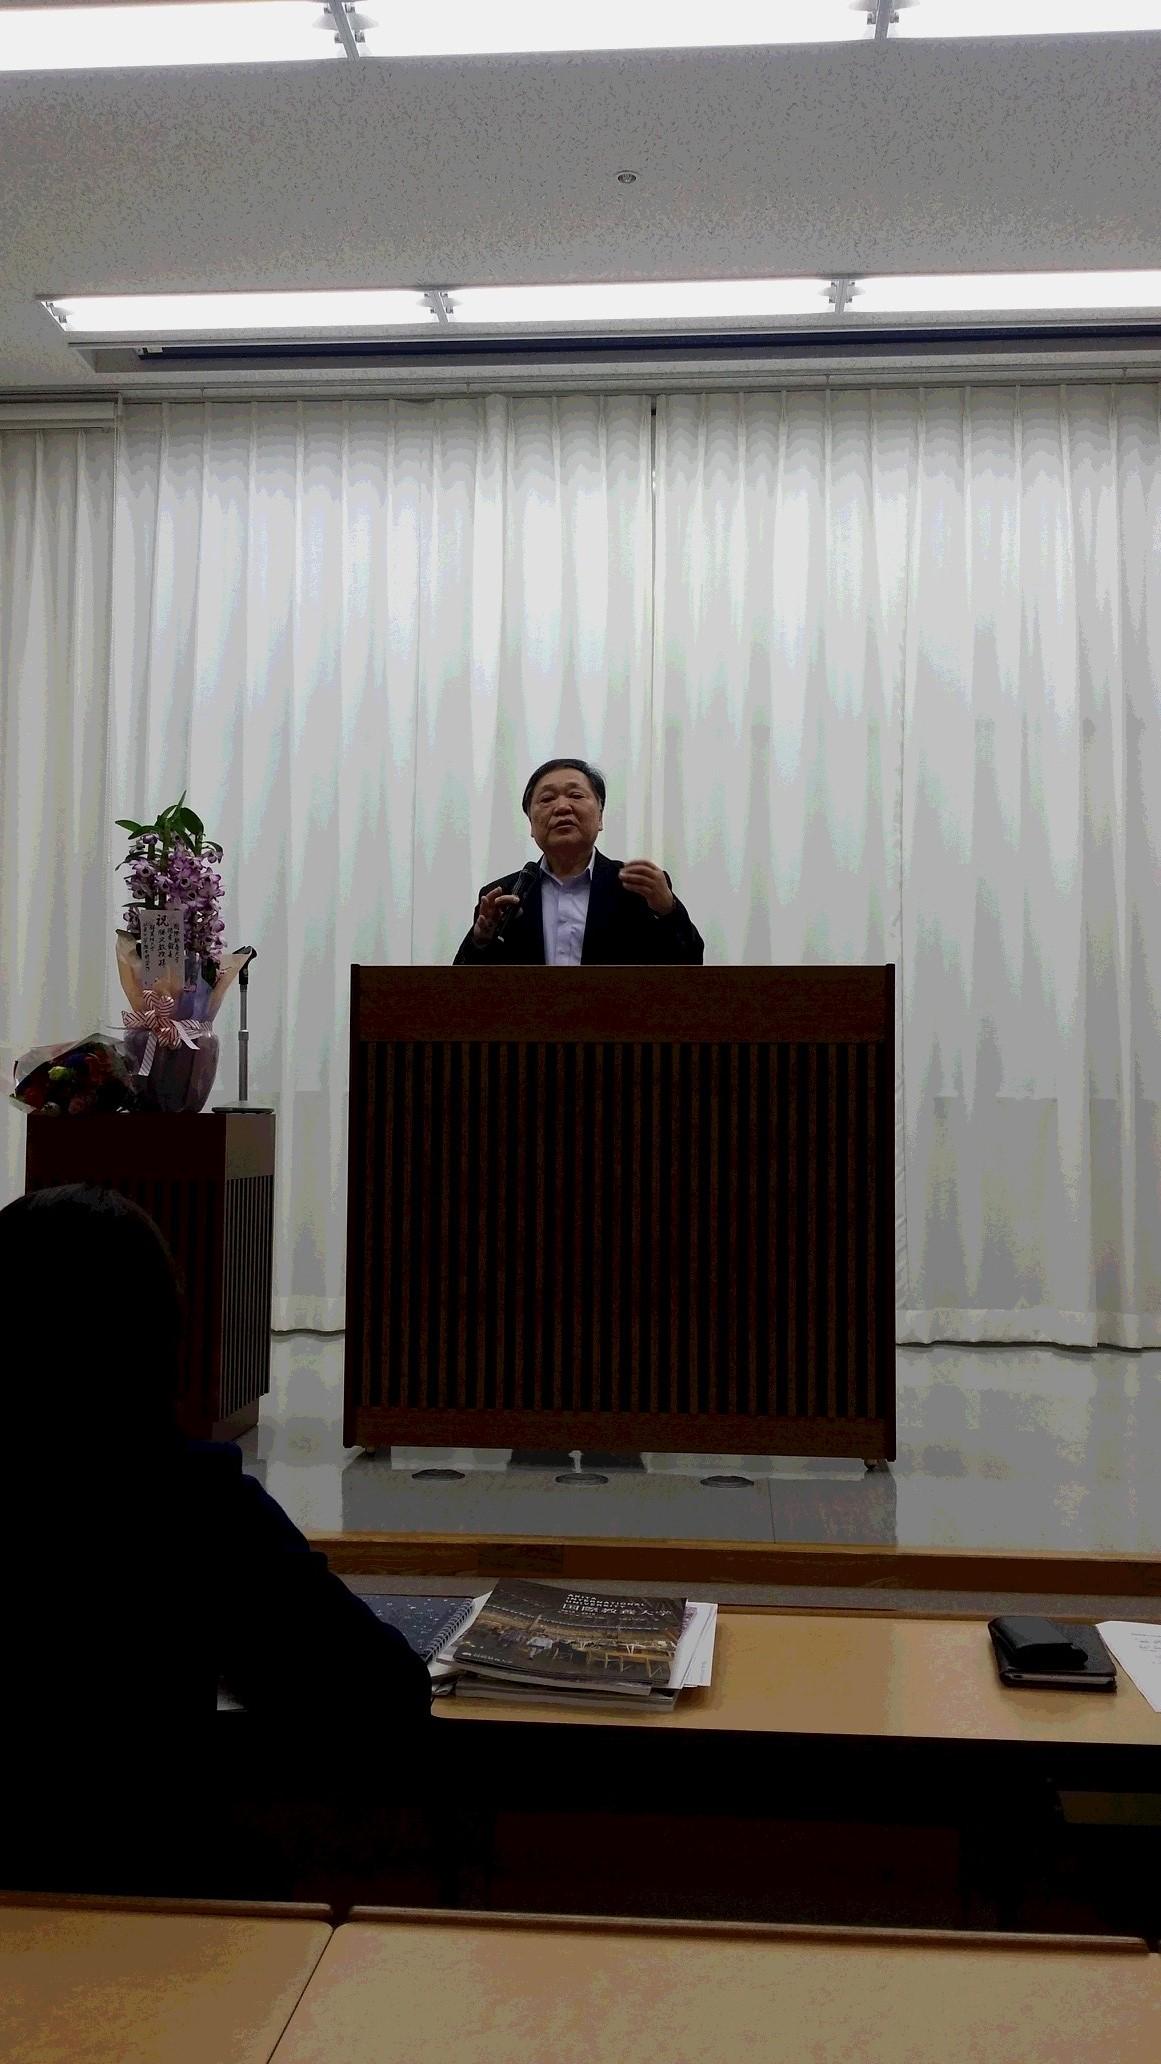 勝又先生 国際教養大学公開講演会_d0005807_10144585.jpg